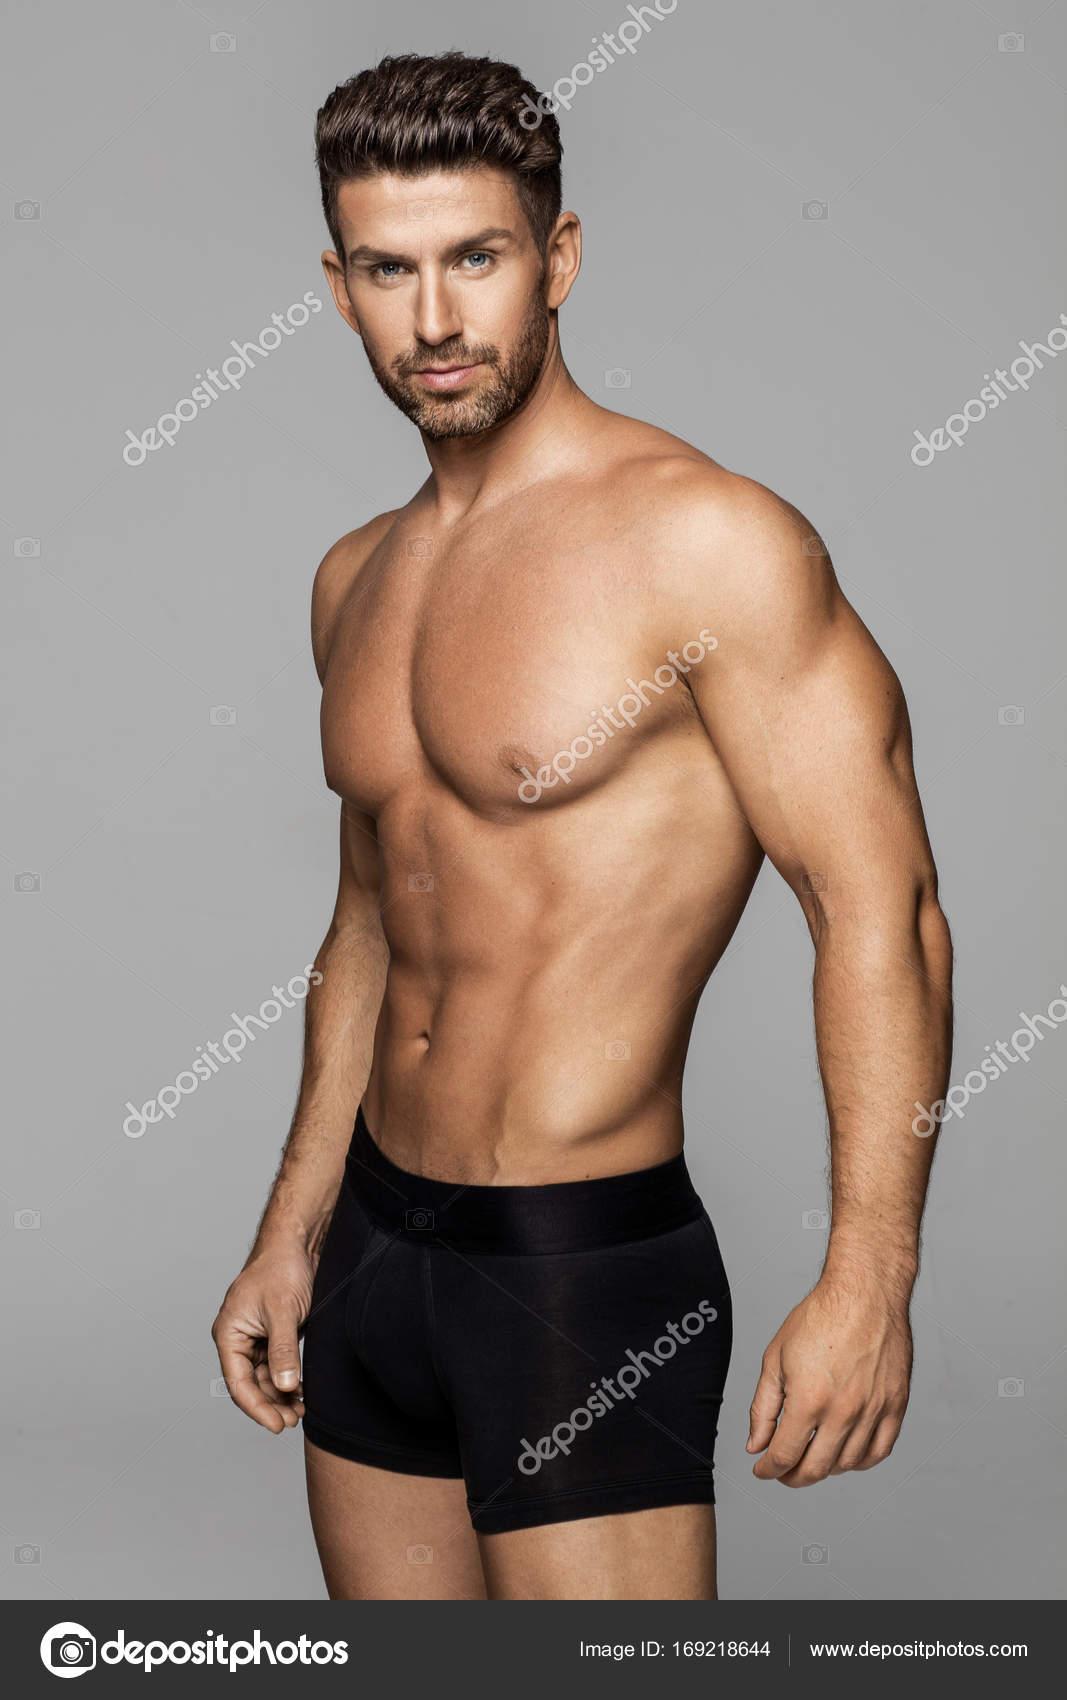 Seksi moški model v spodnjem perilu Stock Photo Kiuikson 169218644-7101